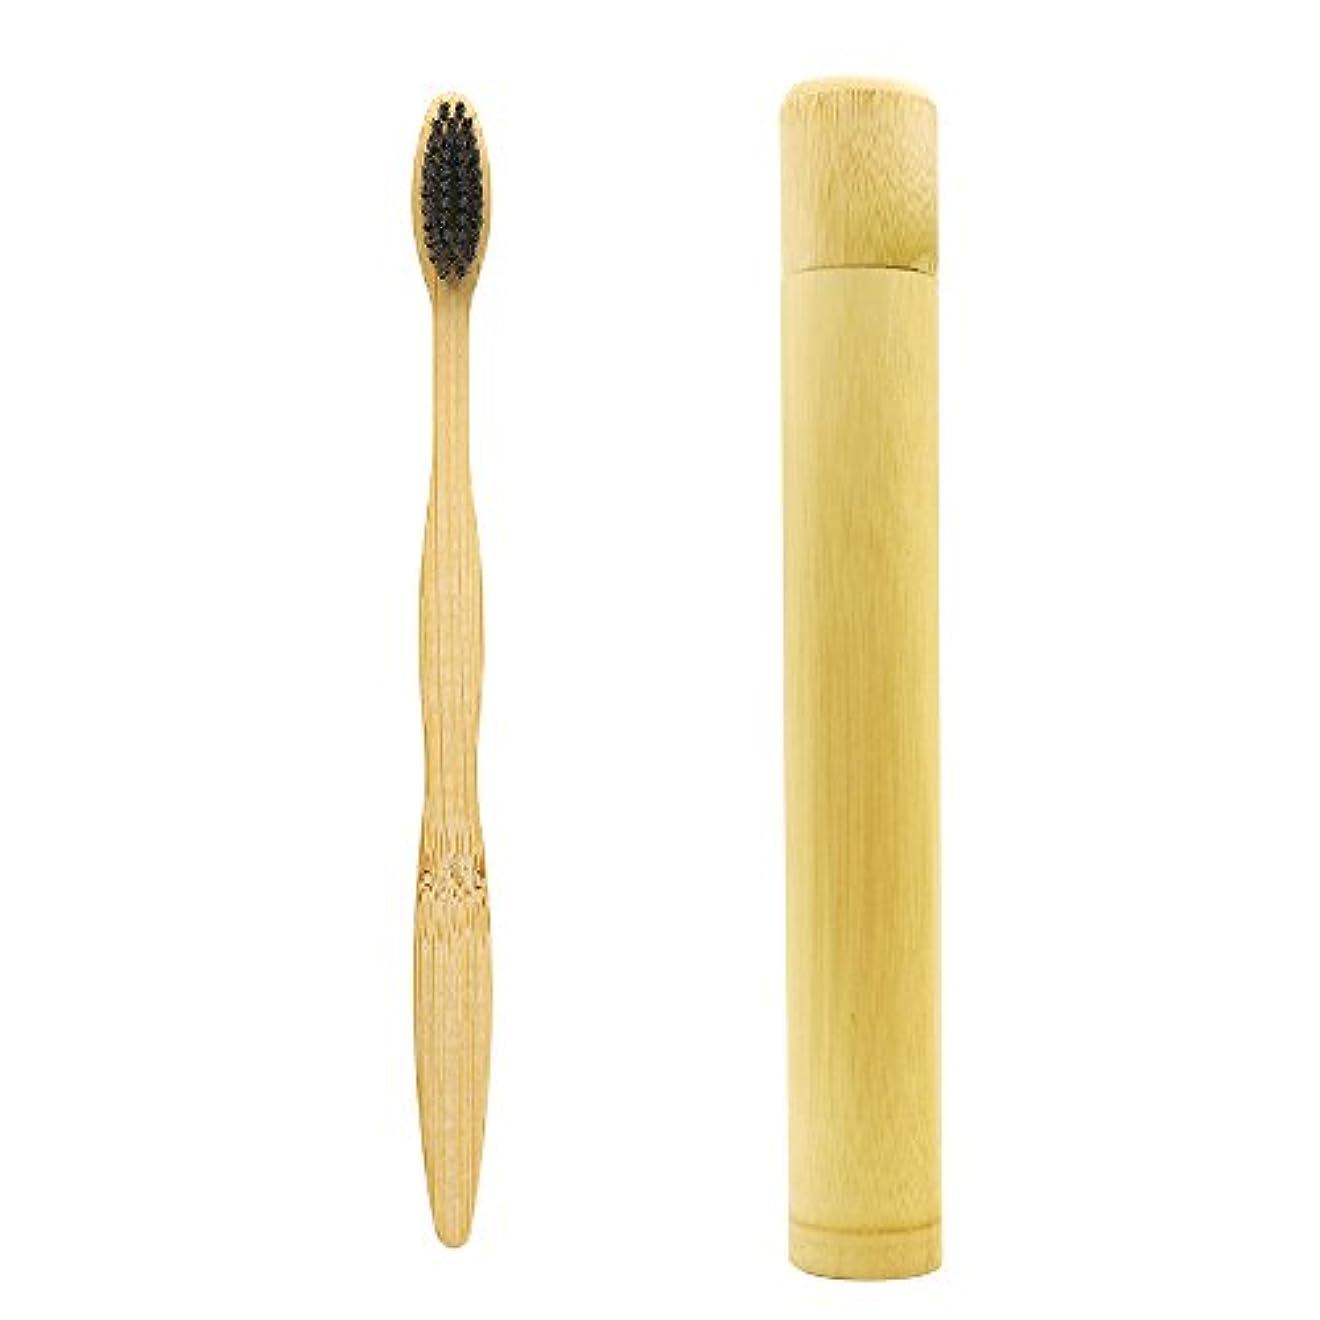 魔女ほのかおなじみのN-amboo 歯ブラシ ケース付き 竹製 高耐久性 出張旅行 携帯便利